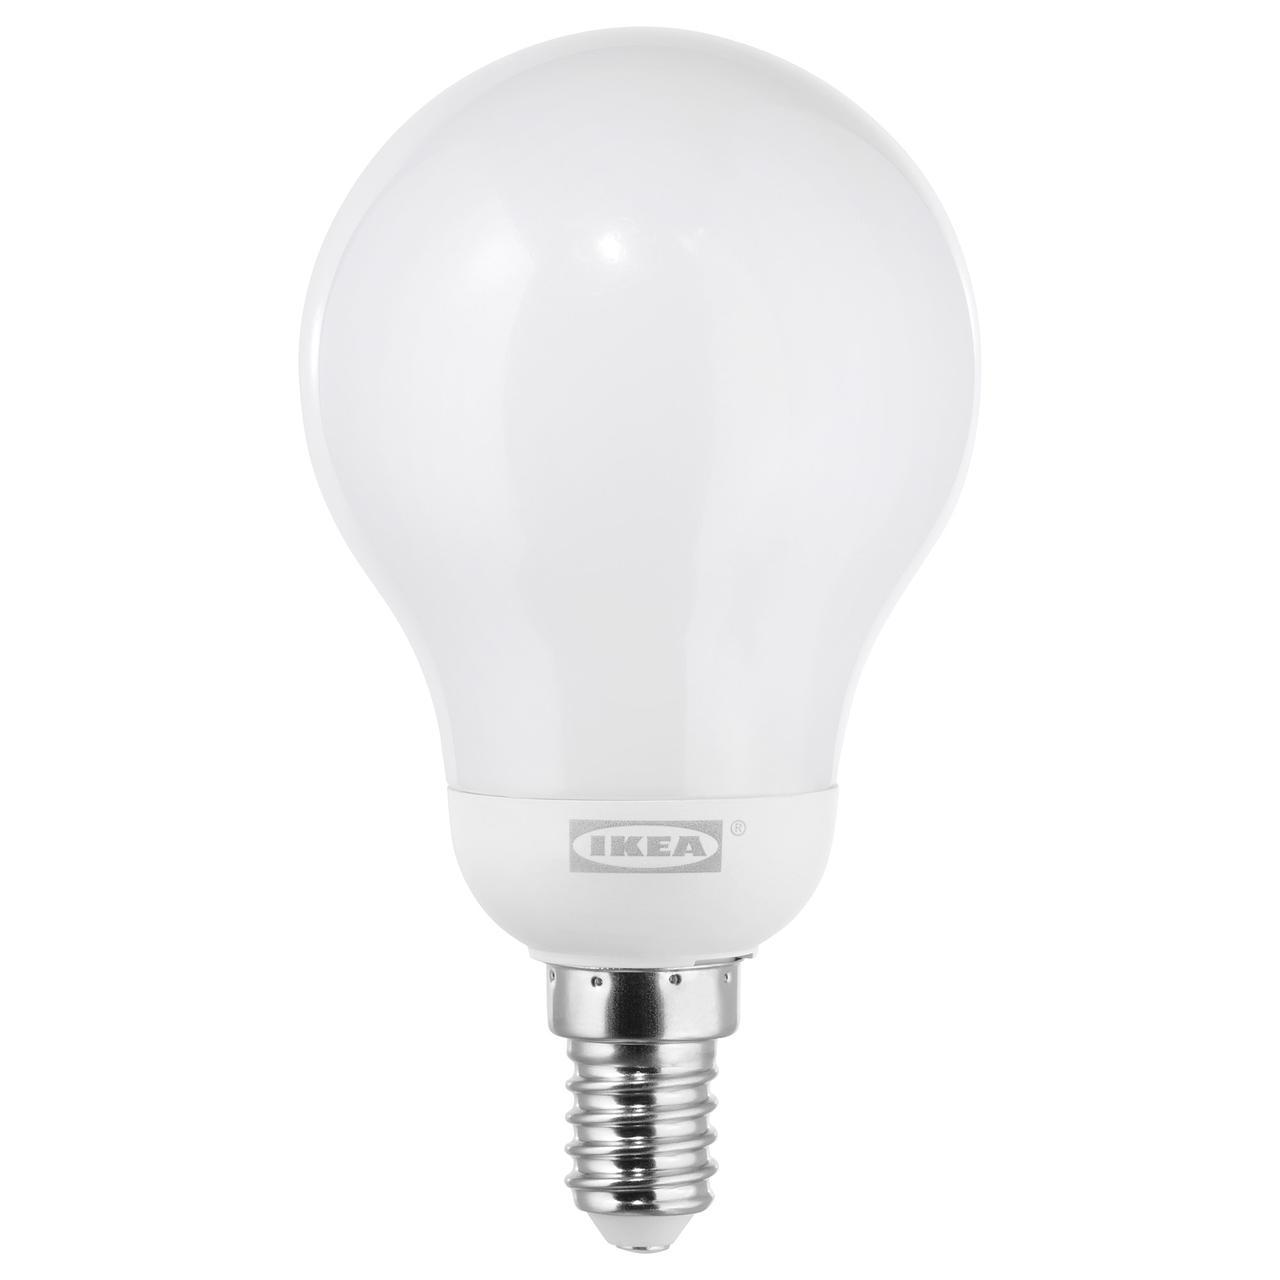 ЛЕДАРЕ Светодиод E14 600 лм, регулируемая яркость регулируемая яркость, теплый, шарообразный молочный